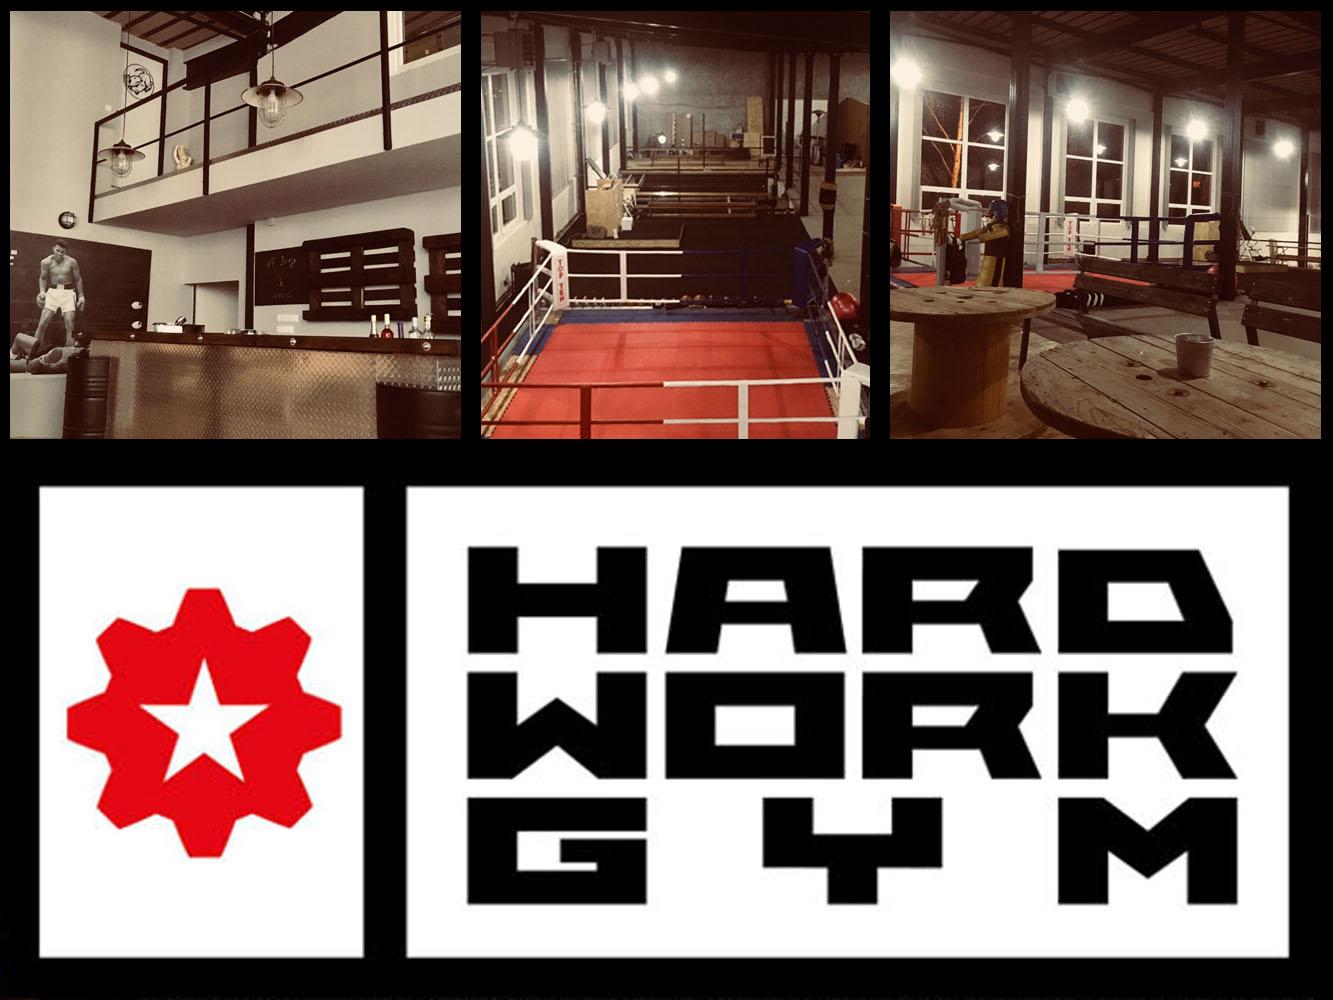 Kickbox Tábor, CCT Tábor, Fit boxing Tábor